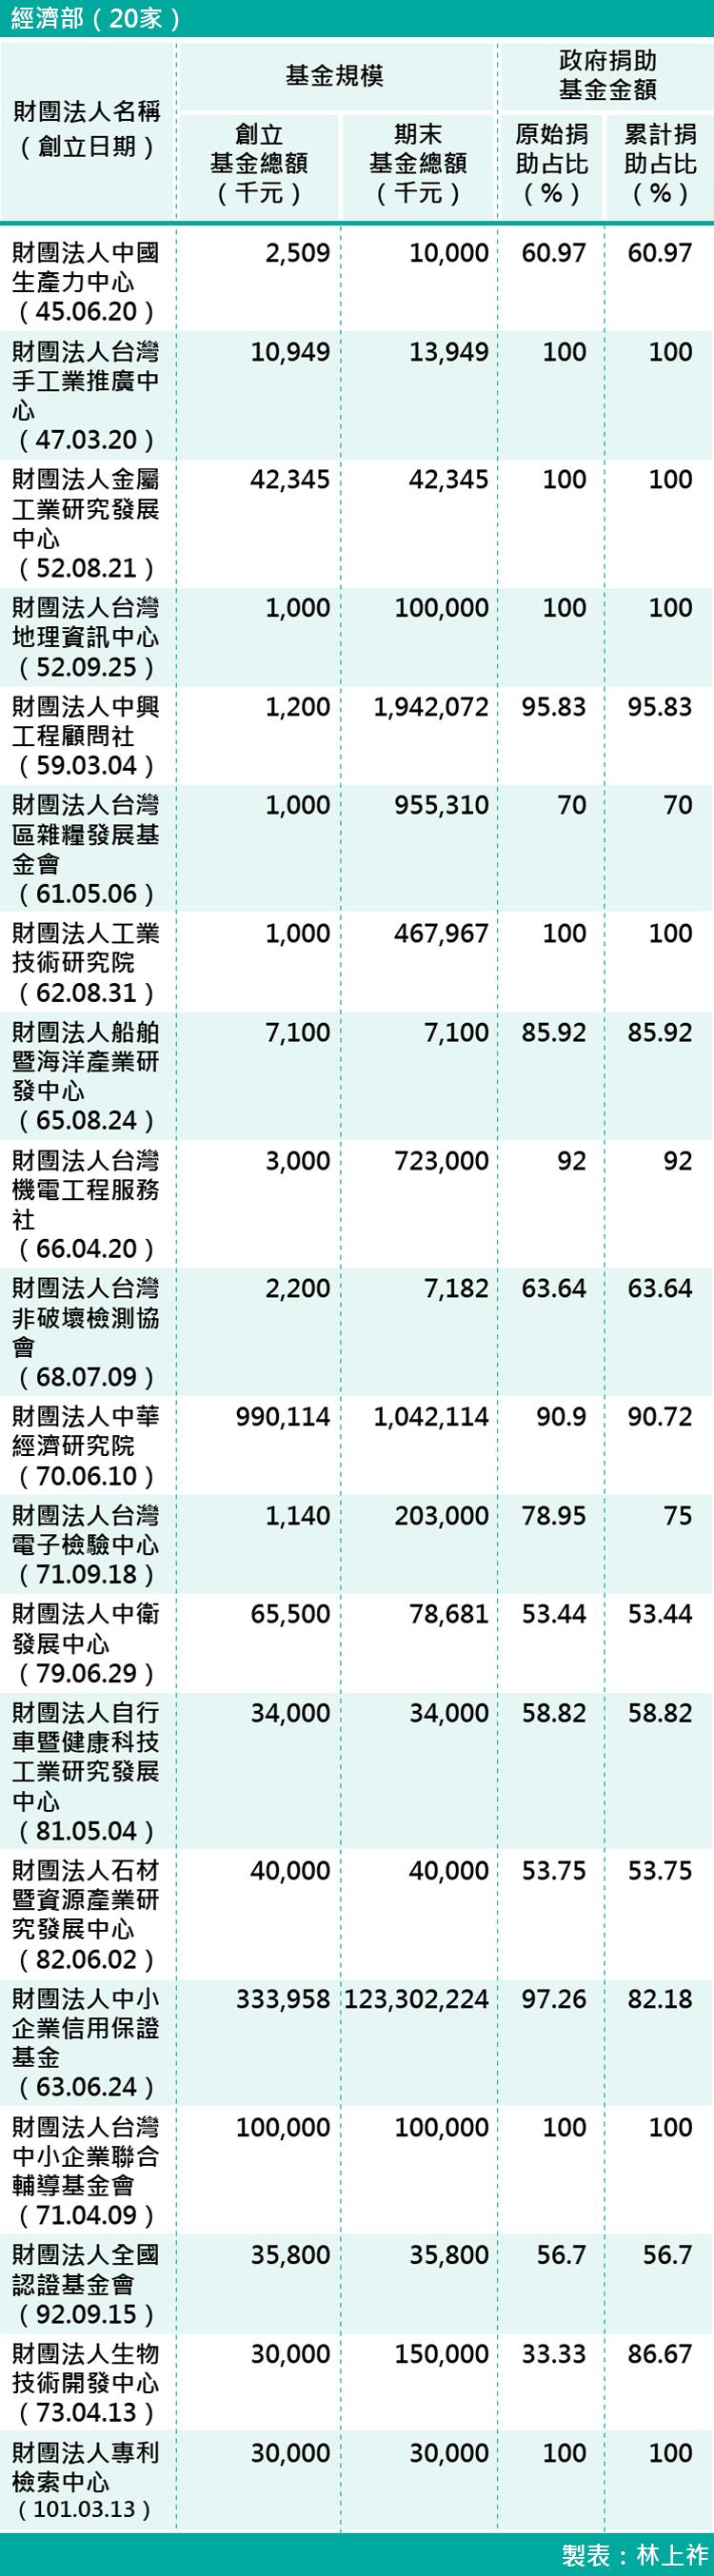 06-各部會下轄財團法人基金規模-經濟部(20家)